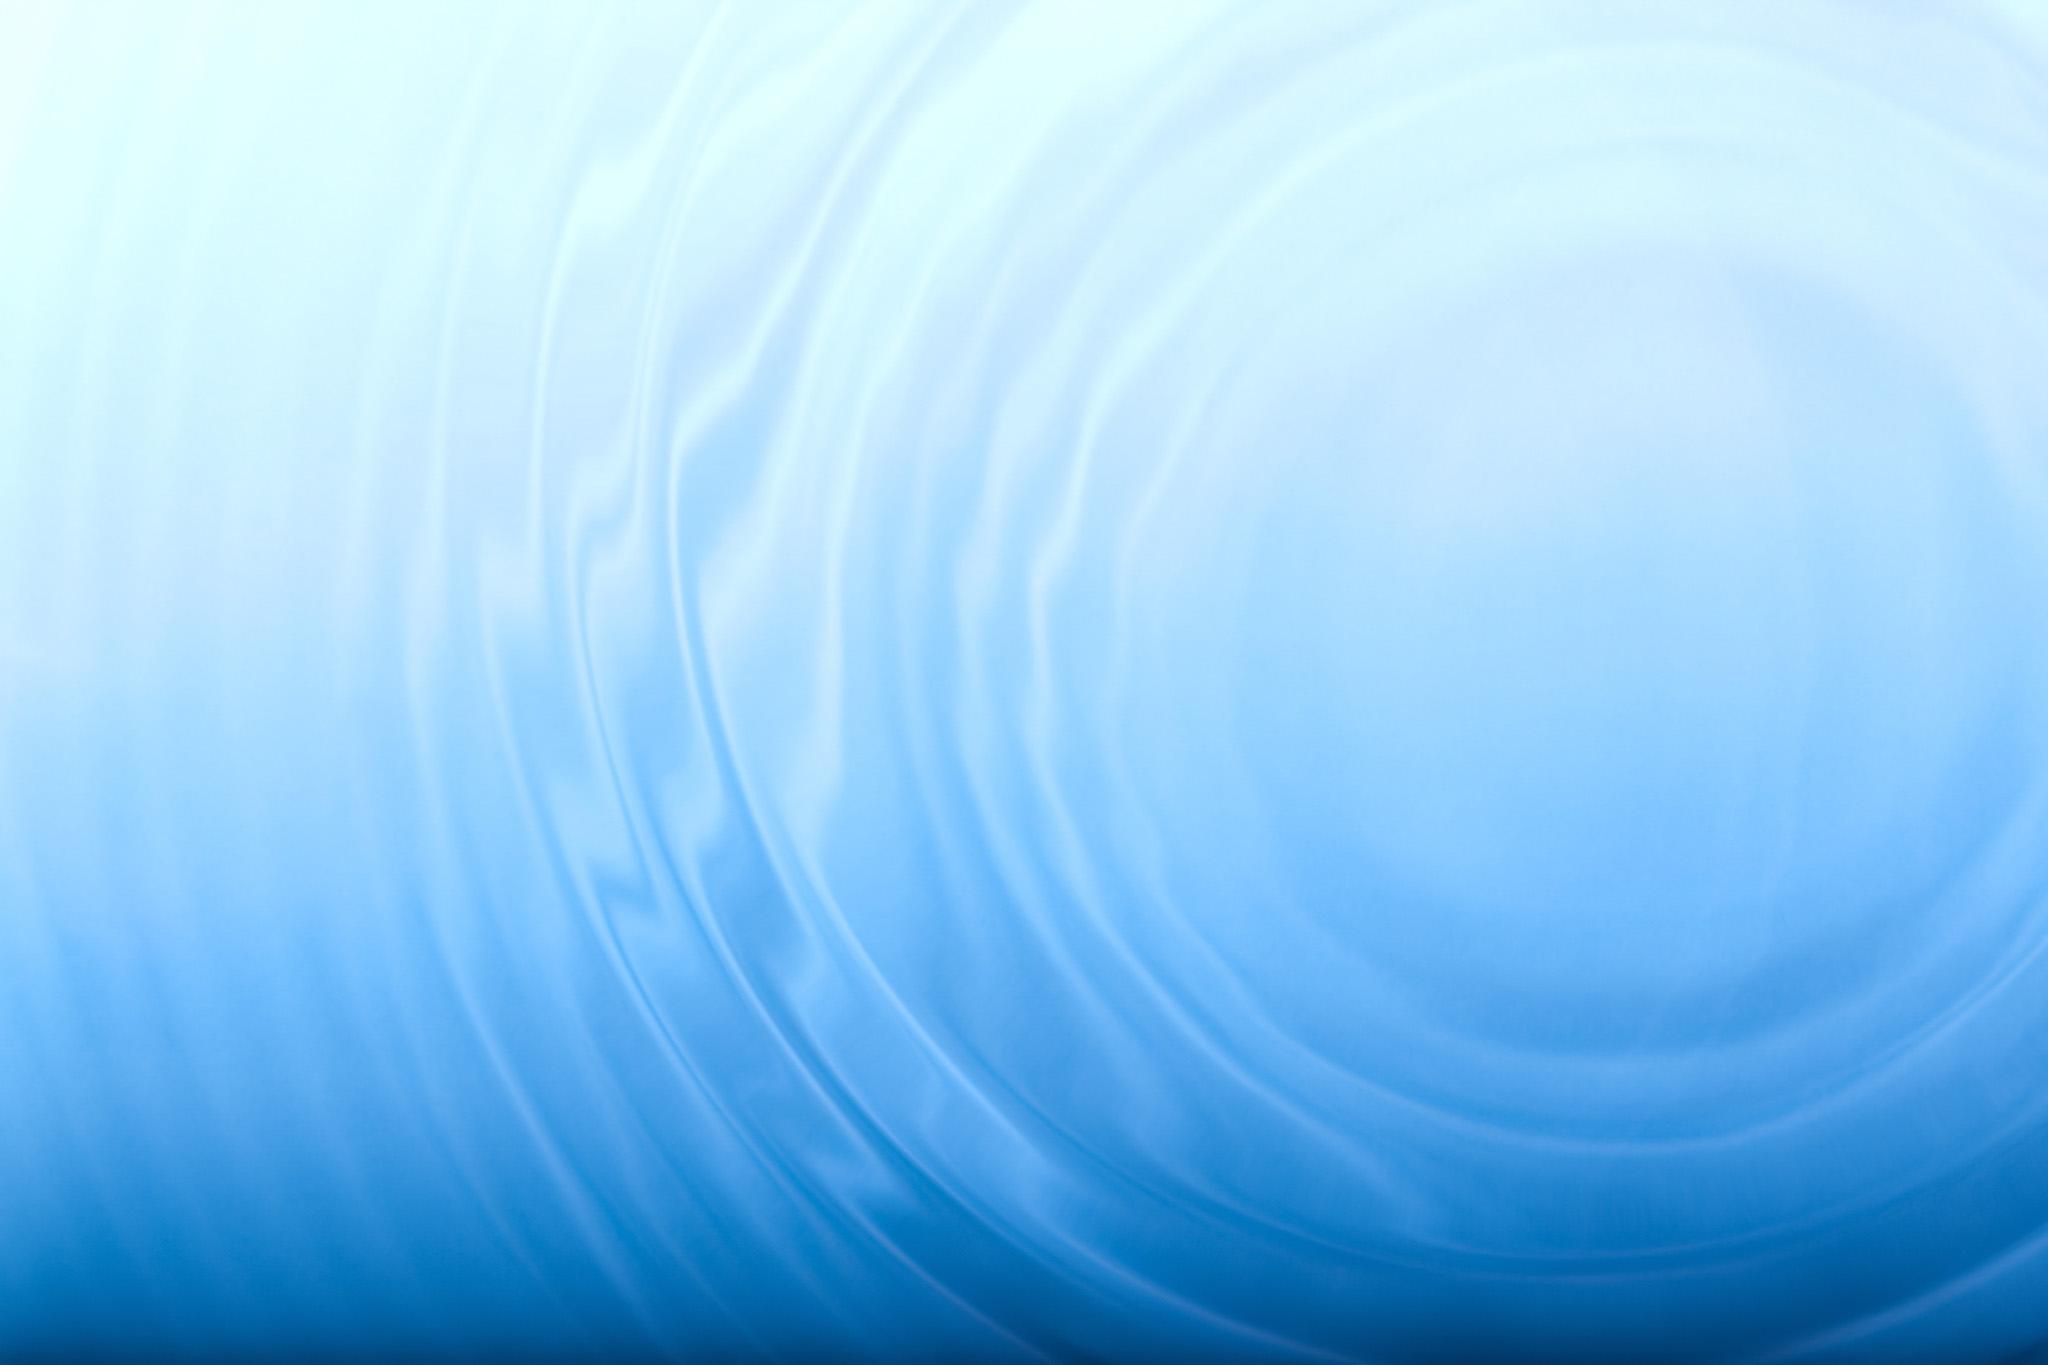 「幾層にも広がる水の波紋」の素材を無料ダウンロード